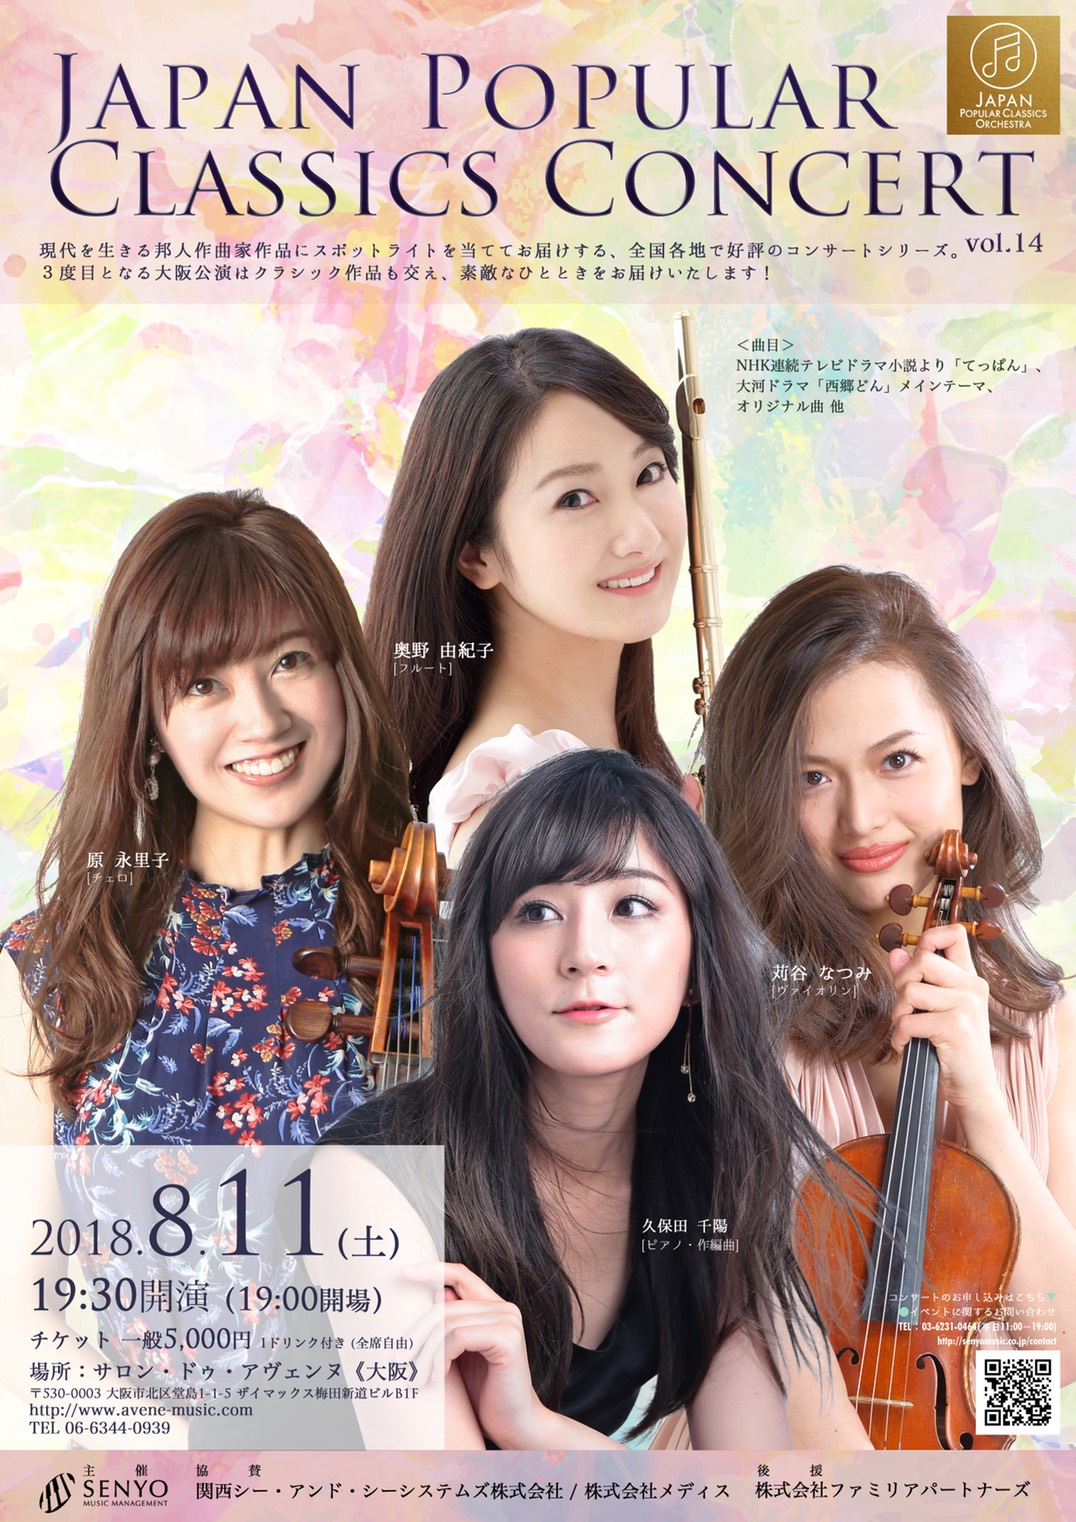 2018.8.11 第14回 JAPAN POPULAR CLASSICS CONCERT